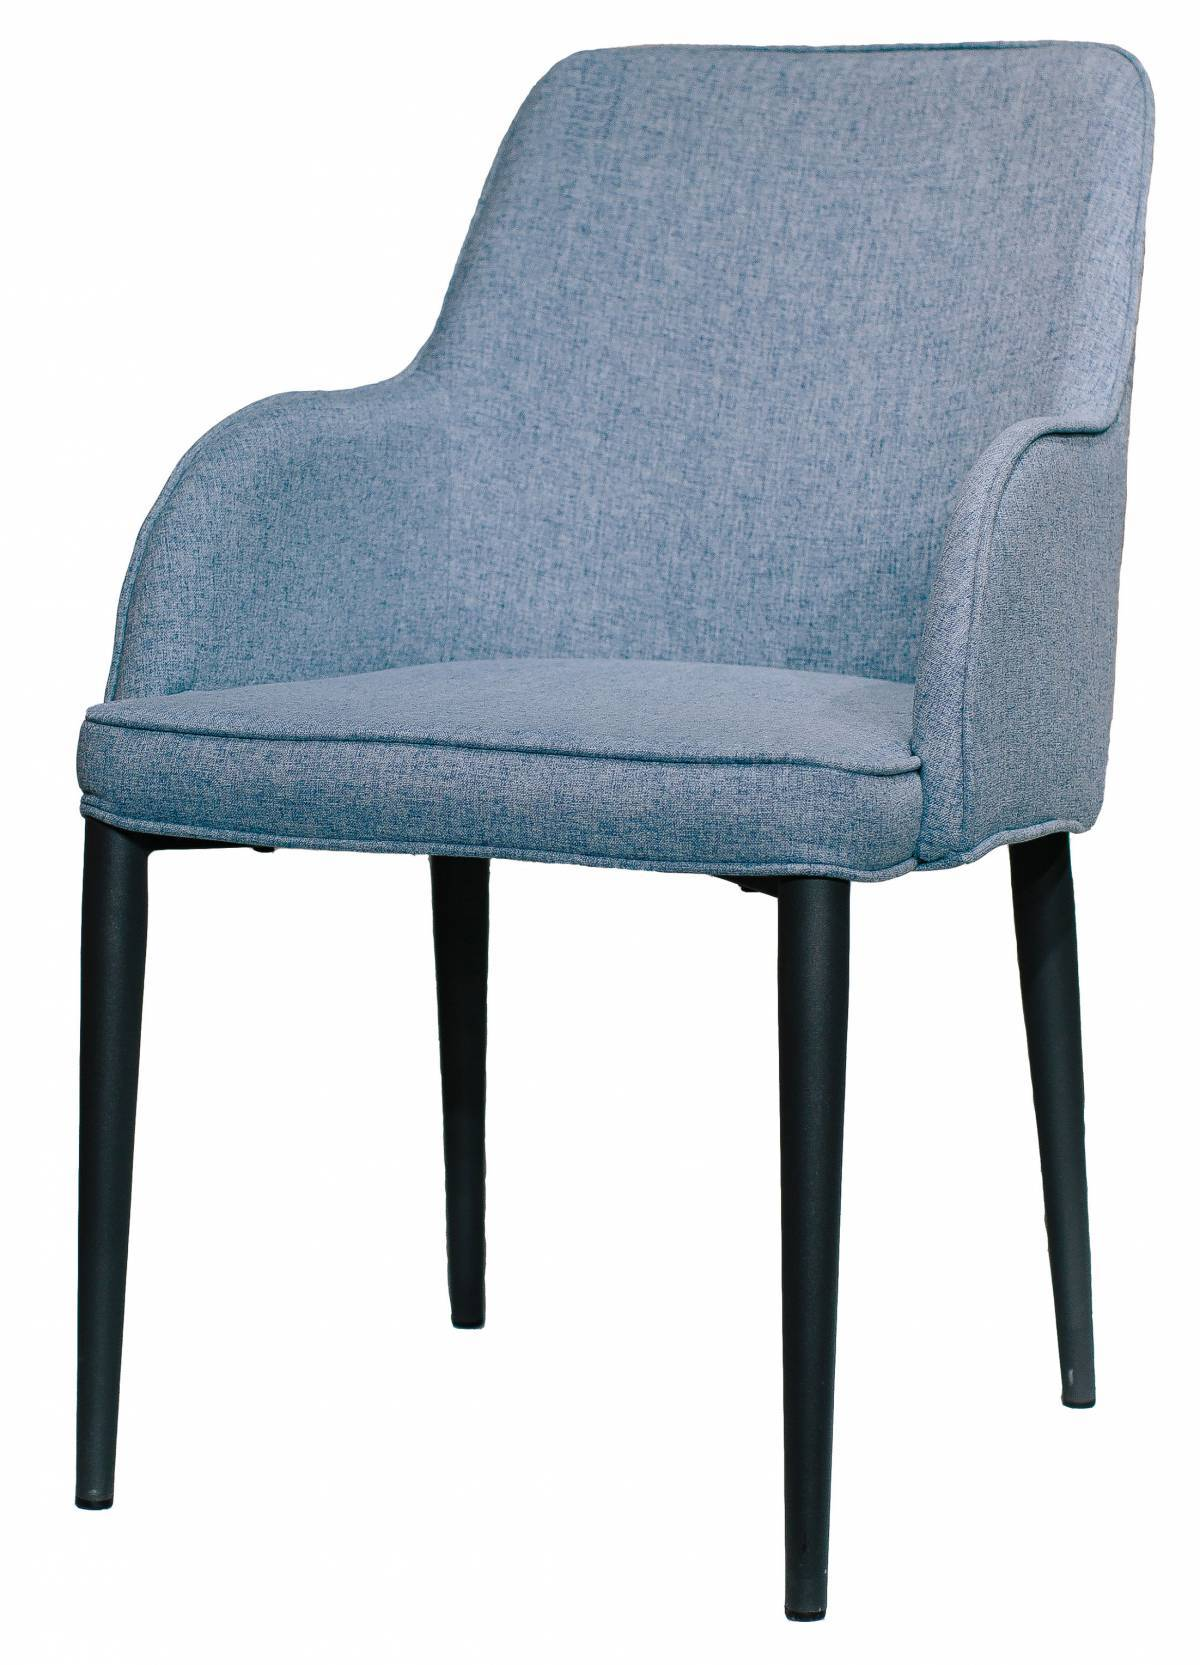 Купить тканевый стул в Raroom